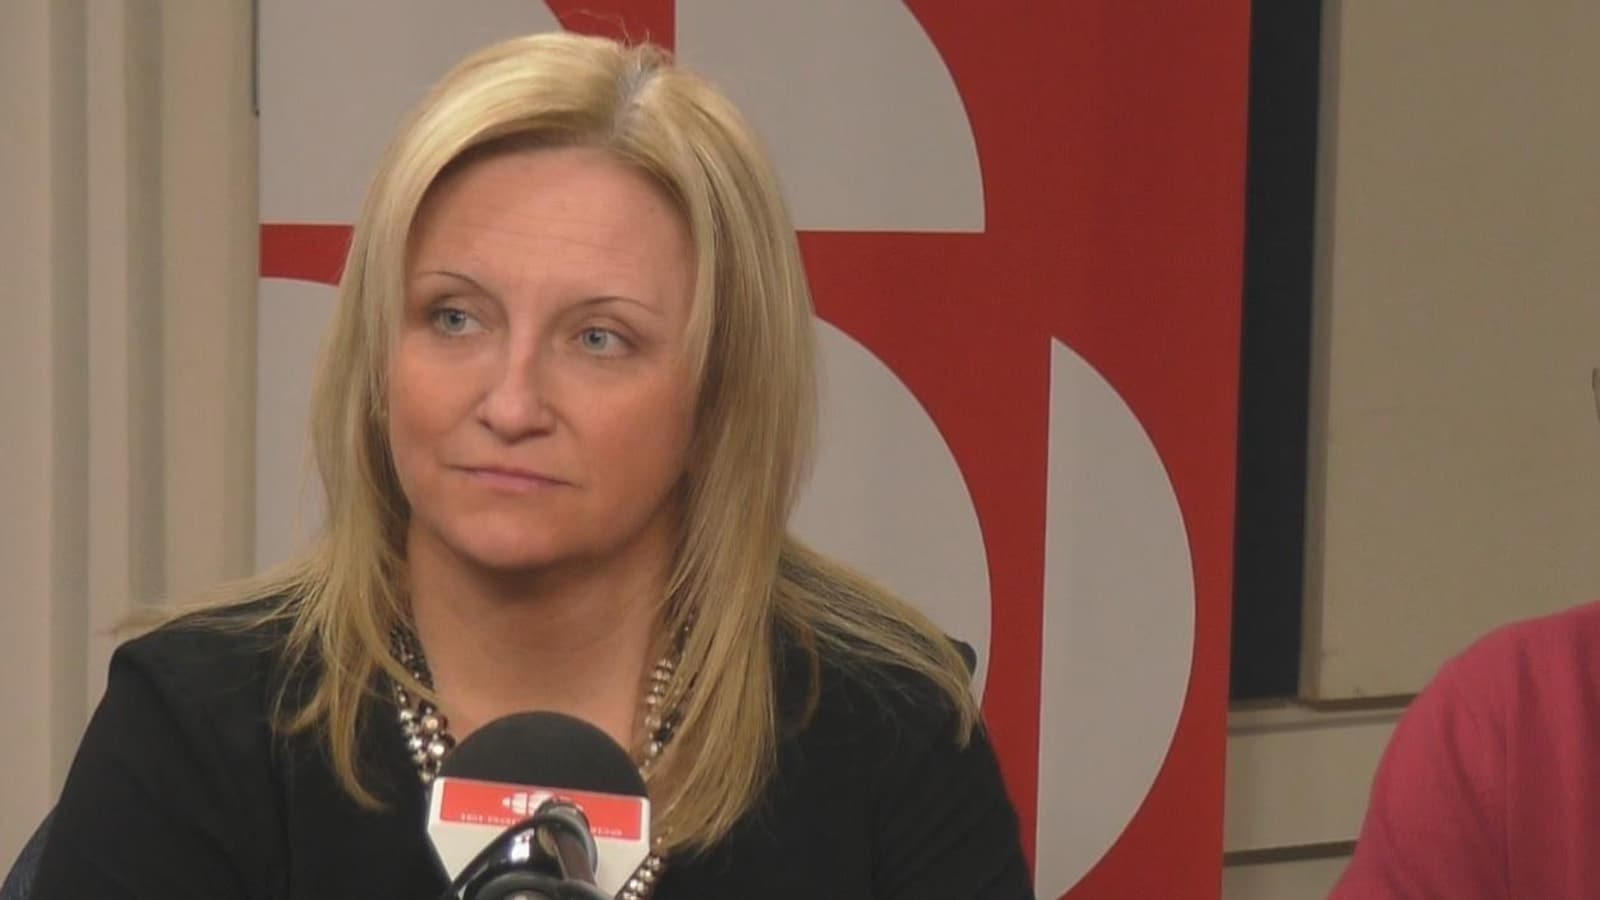 Entrevue en studio avec la directrice générale de la Commission scolaire des Rives-du-Saguenay, Chantale Cyr.